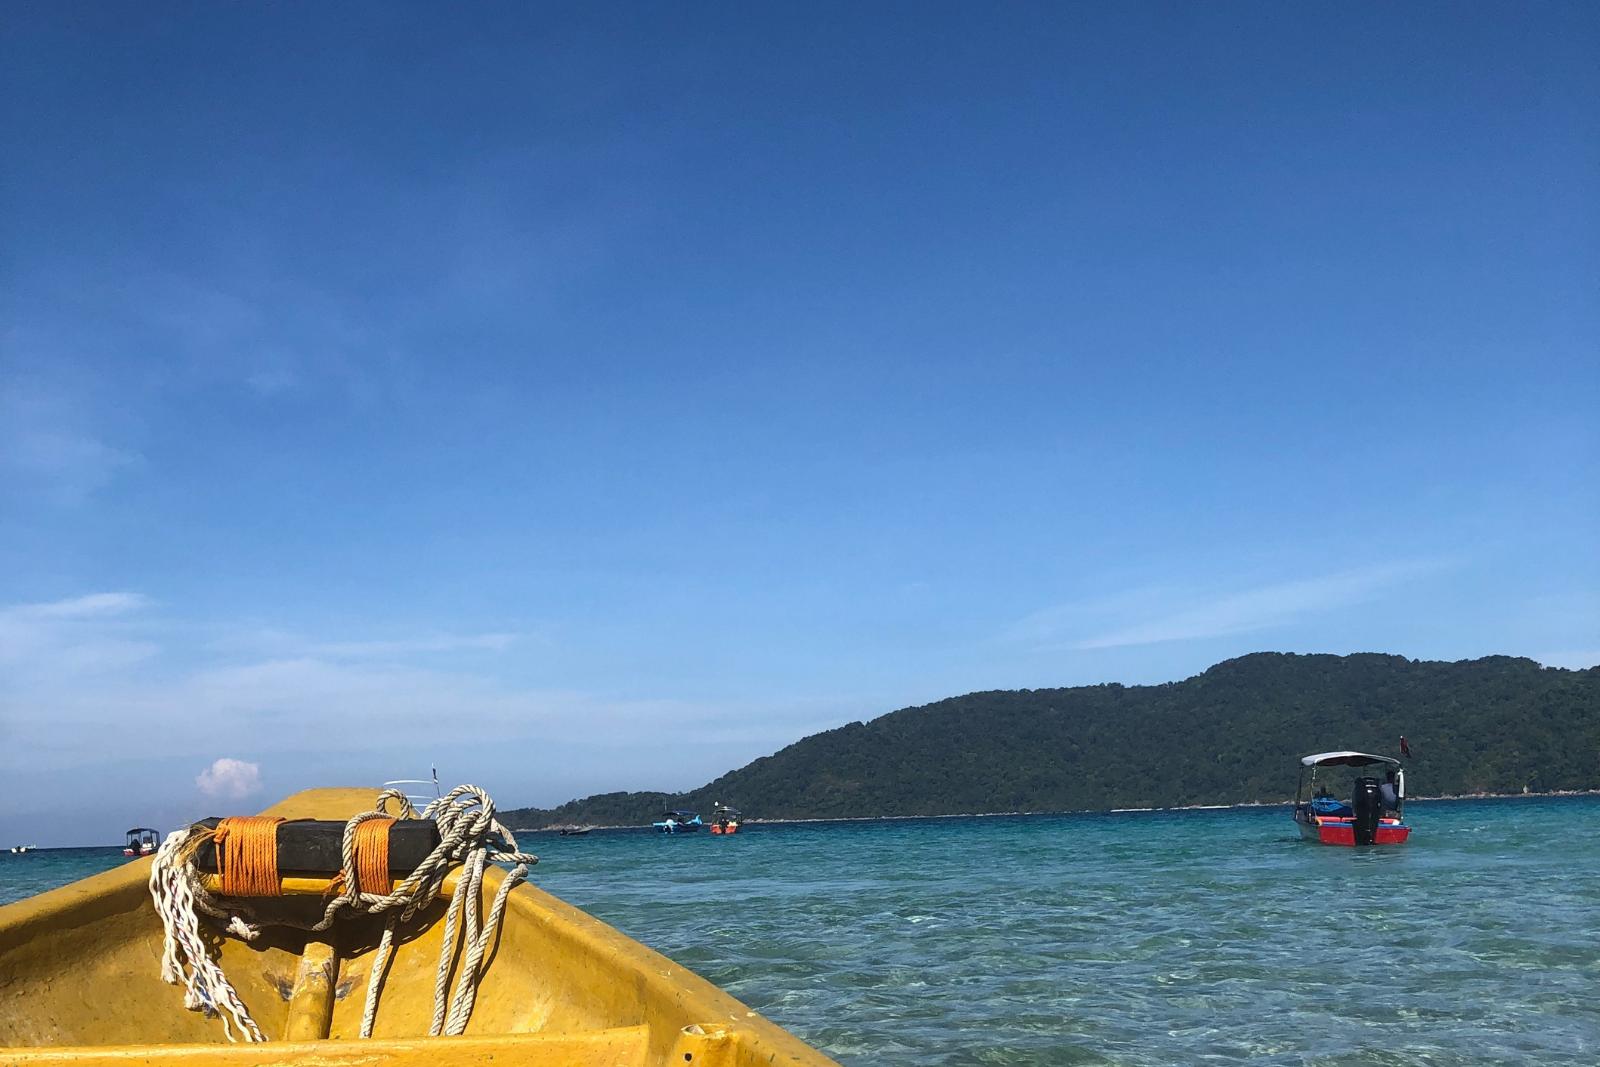 MALAYSIA: THE EAST COAST